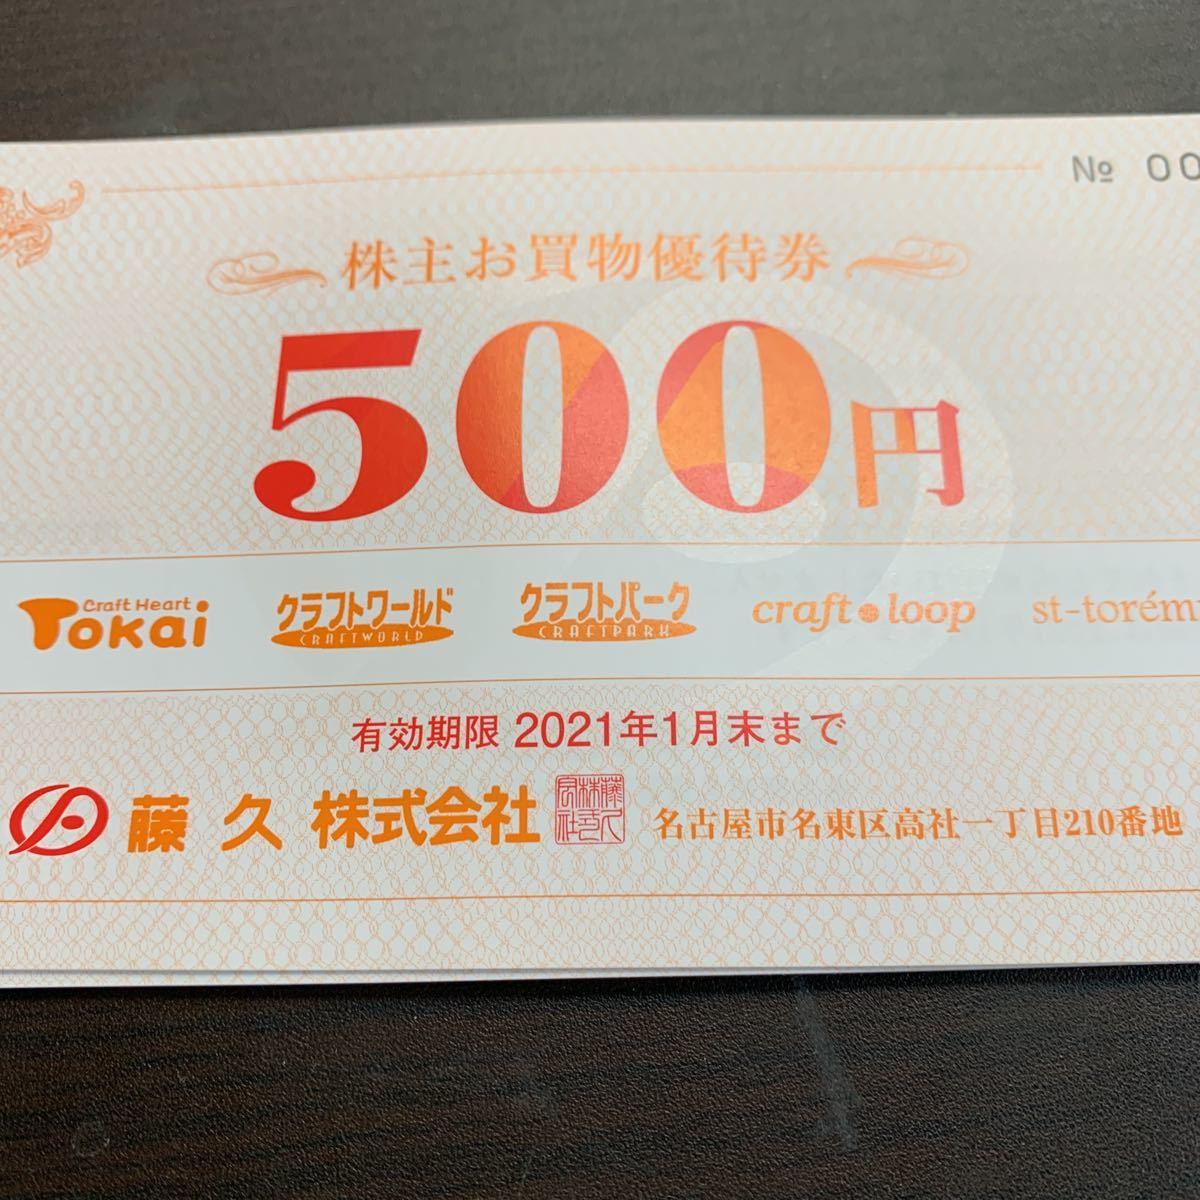 藤久株主優待券 7500円分_画像1